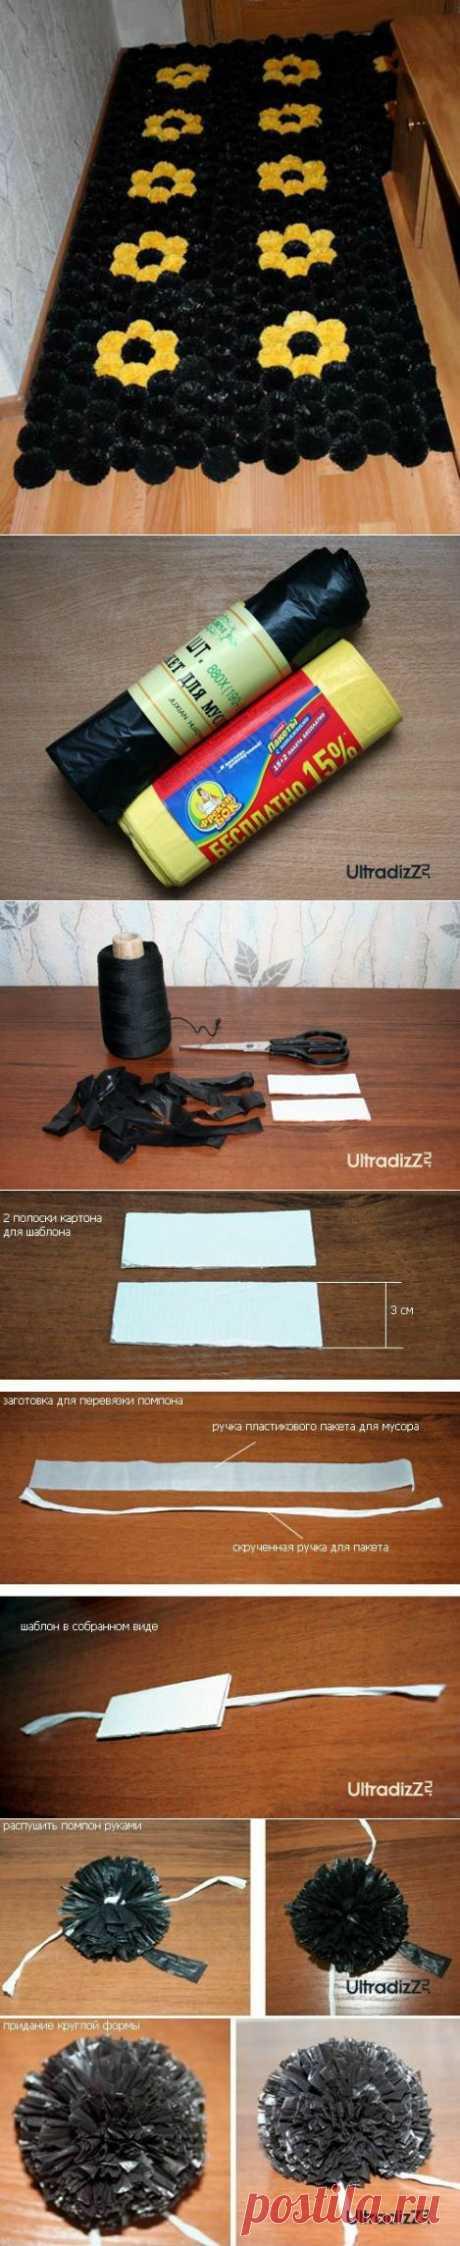 Коврик из помпонов, которые сделаны из мусорных пакетов | Самоделкино